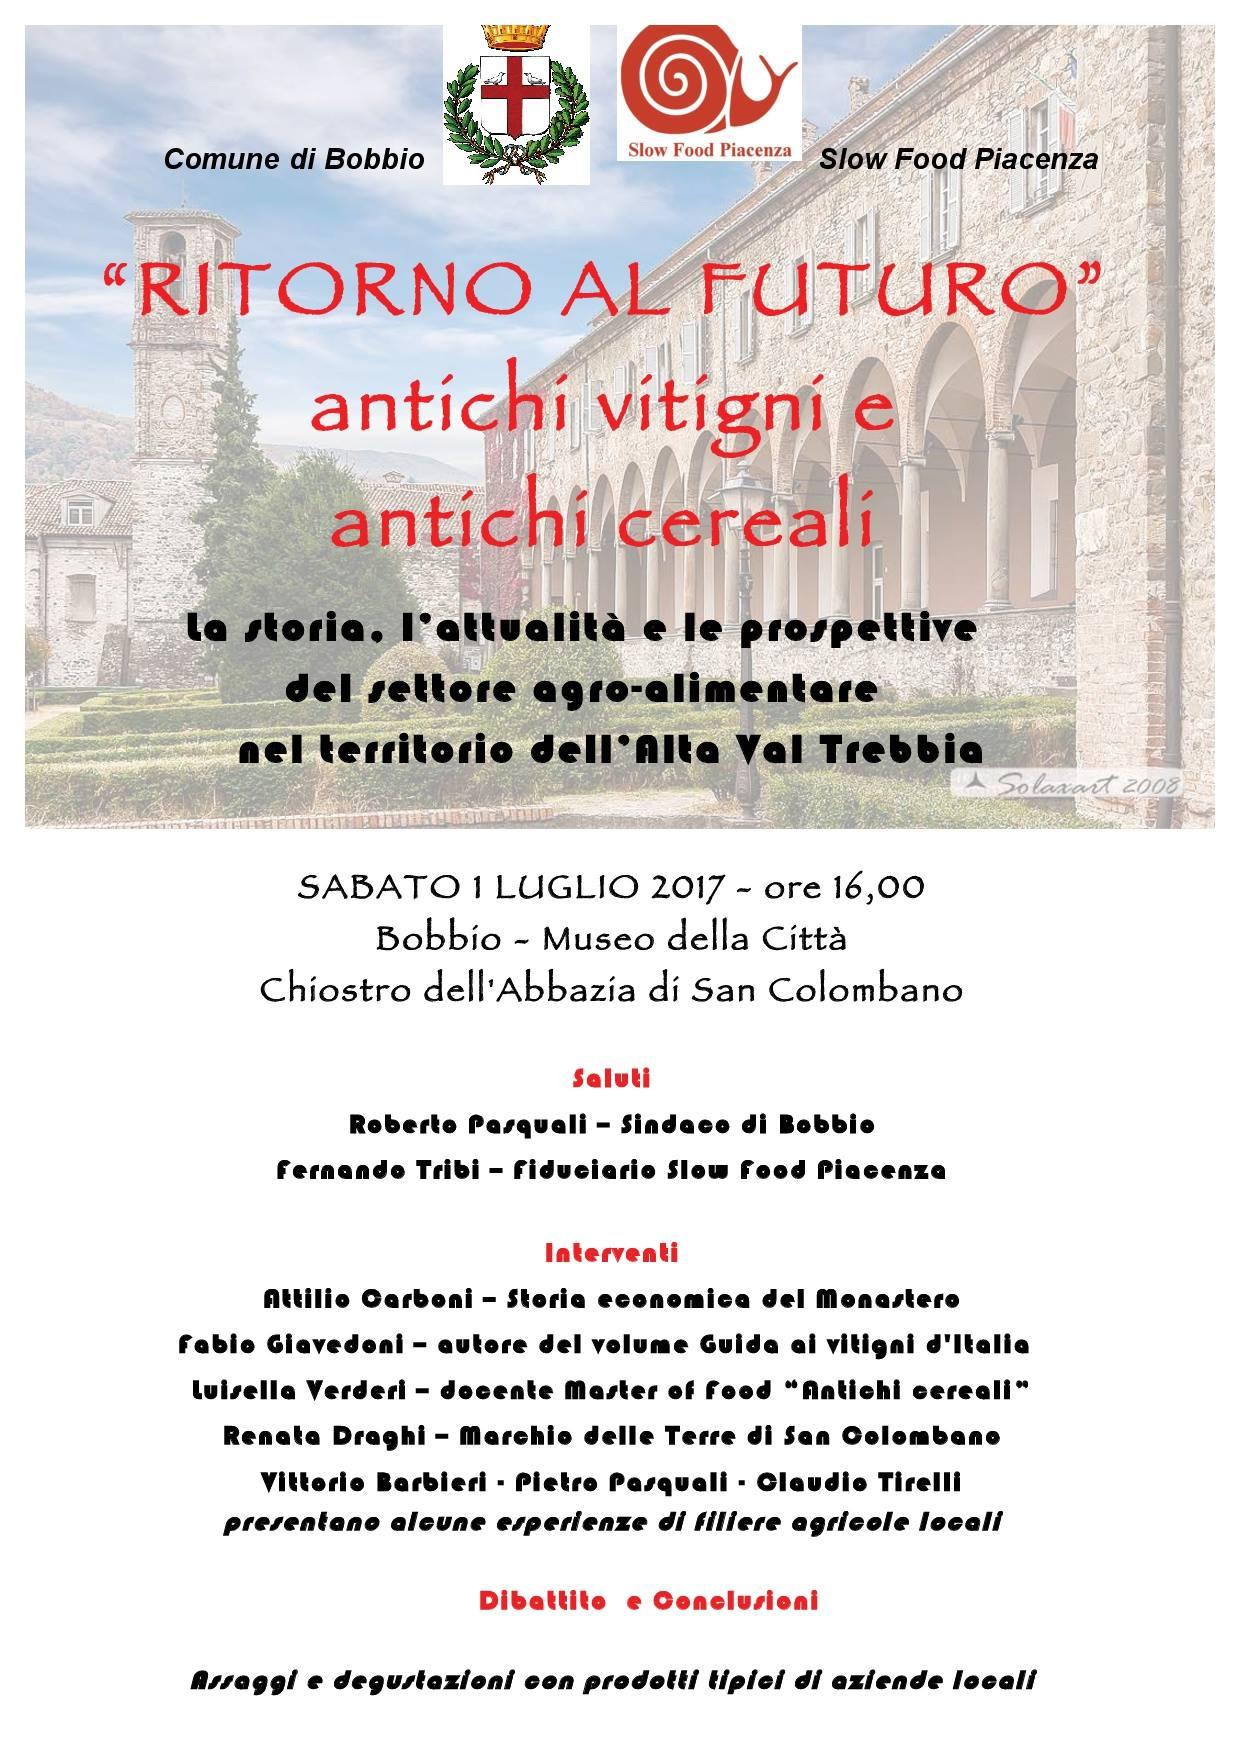 Slow Food Piacenza : antichi vitigni e antichi cereali